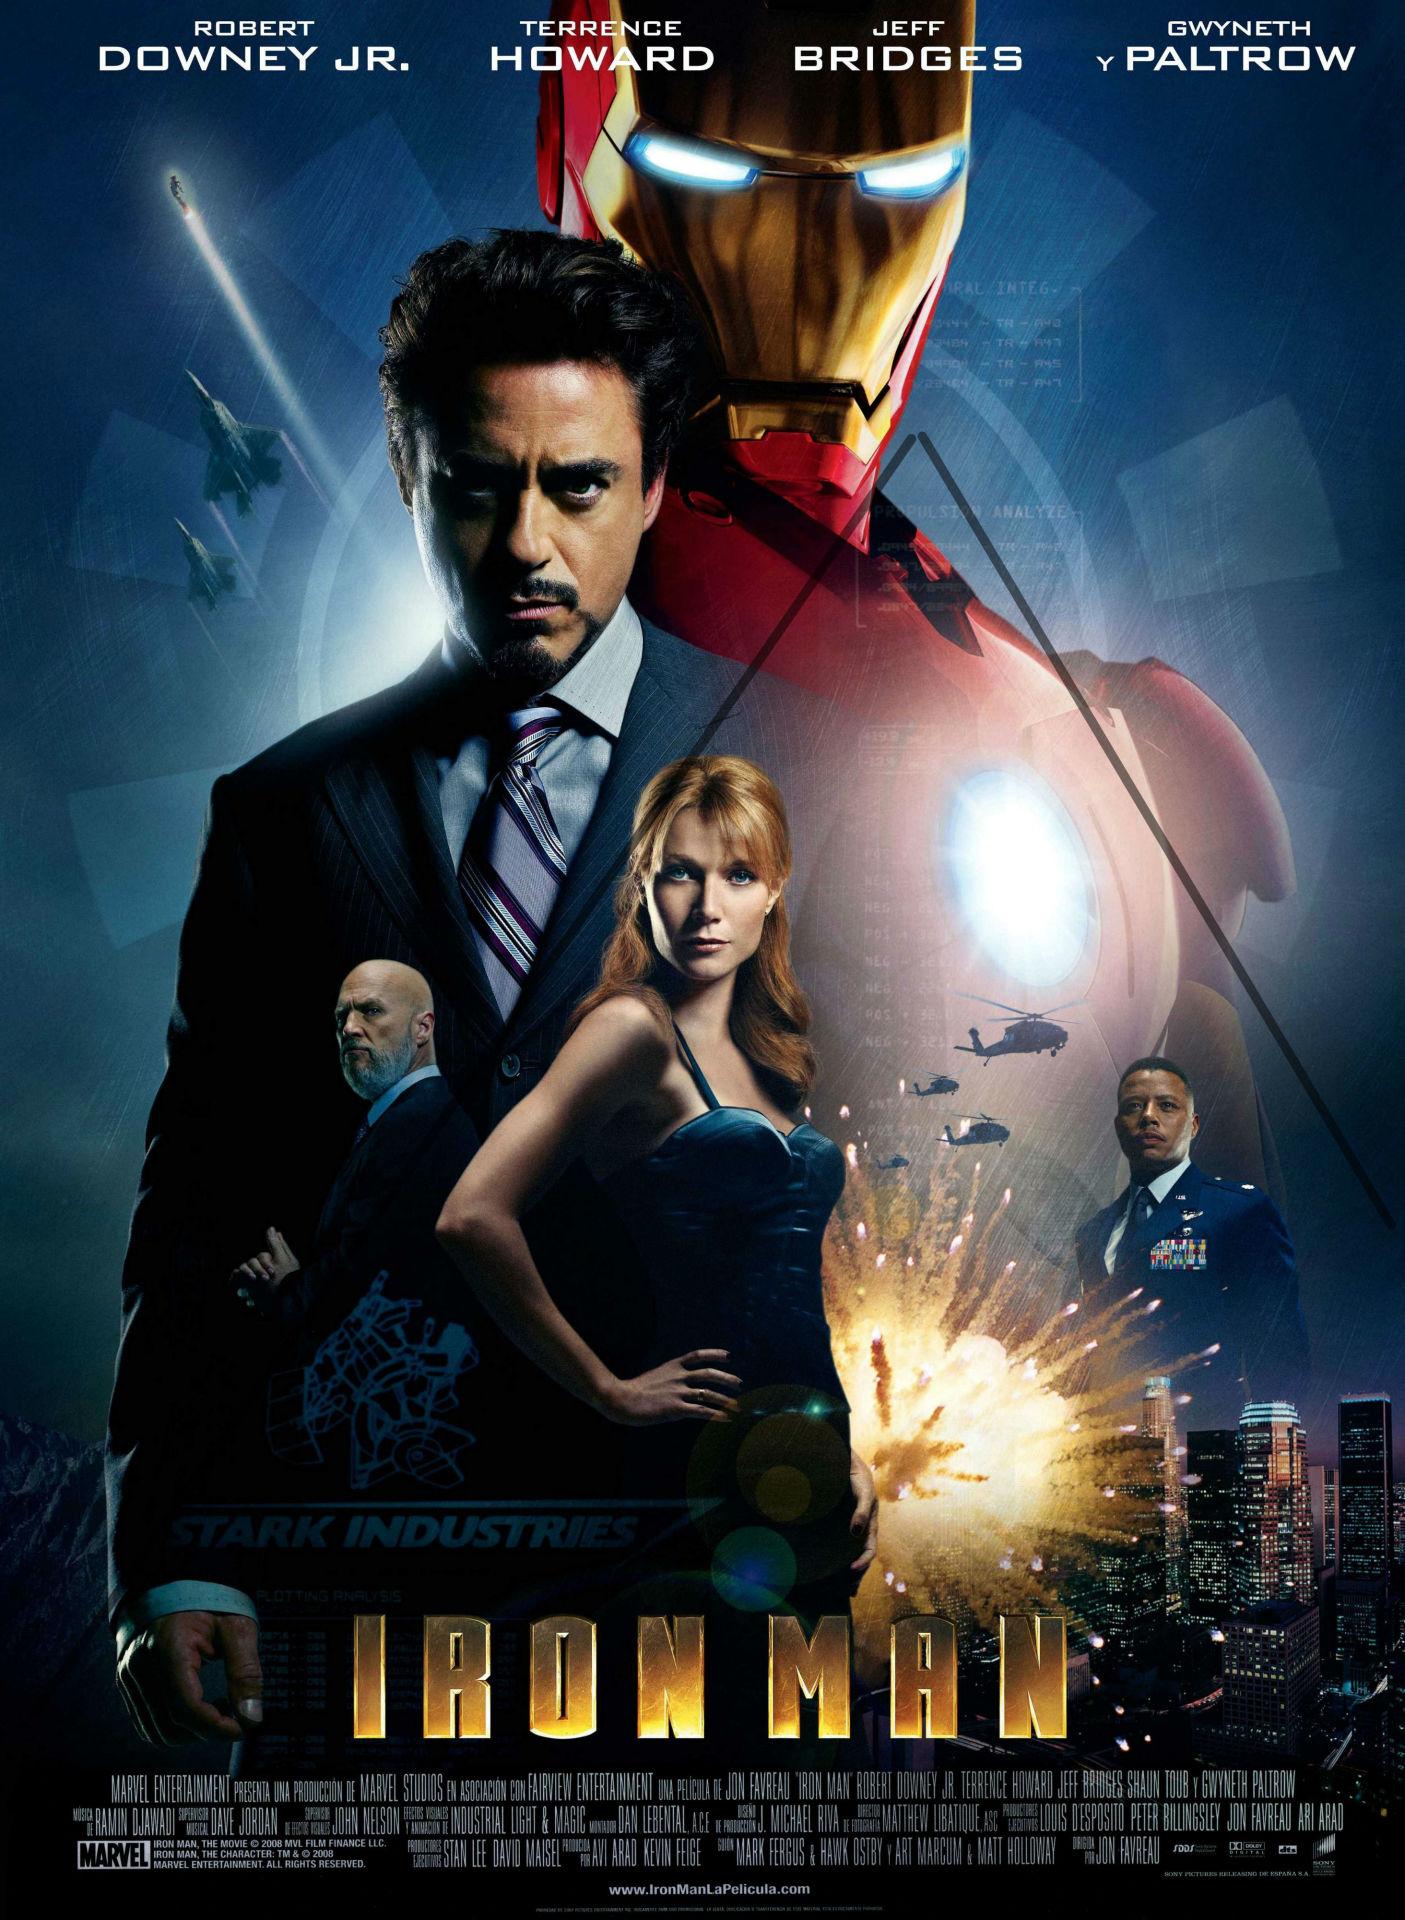 Episode 001 - Iron Man (2008)